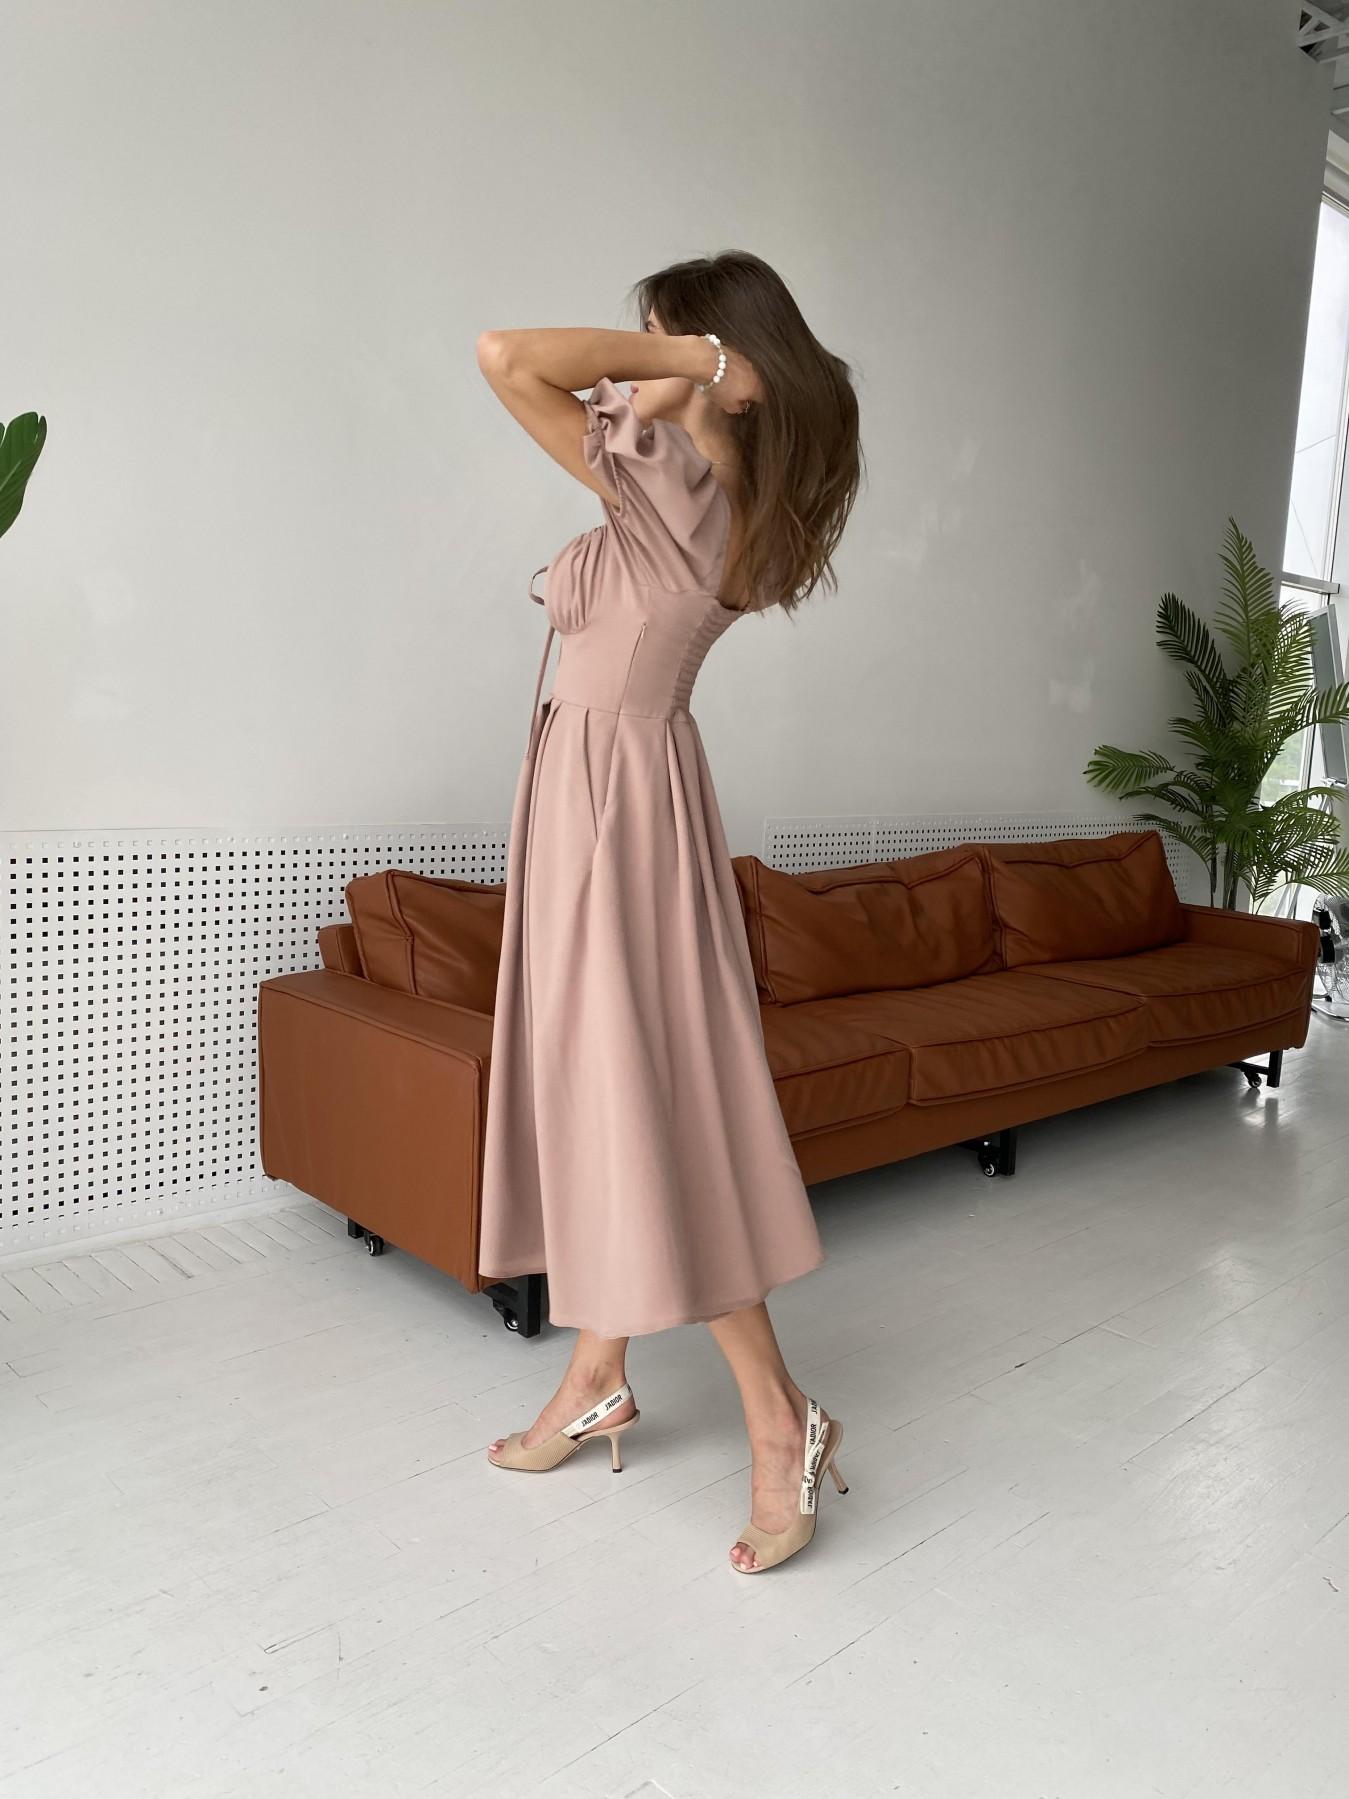 Кисес Миди платье из шифона креп 11443 АРТ. 48313 Цвет: Бежевый Темный - фото 5, интернет магазин tm-modus.ru